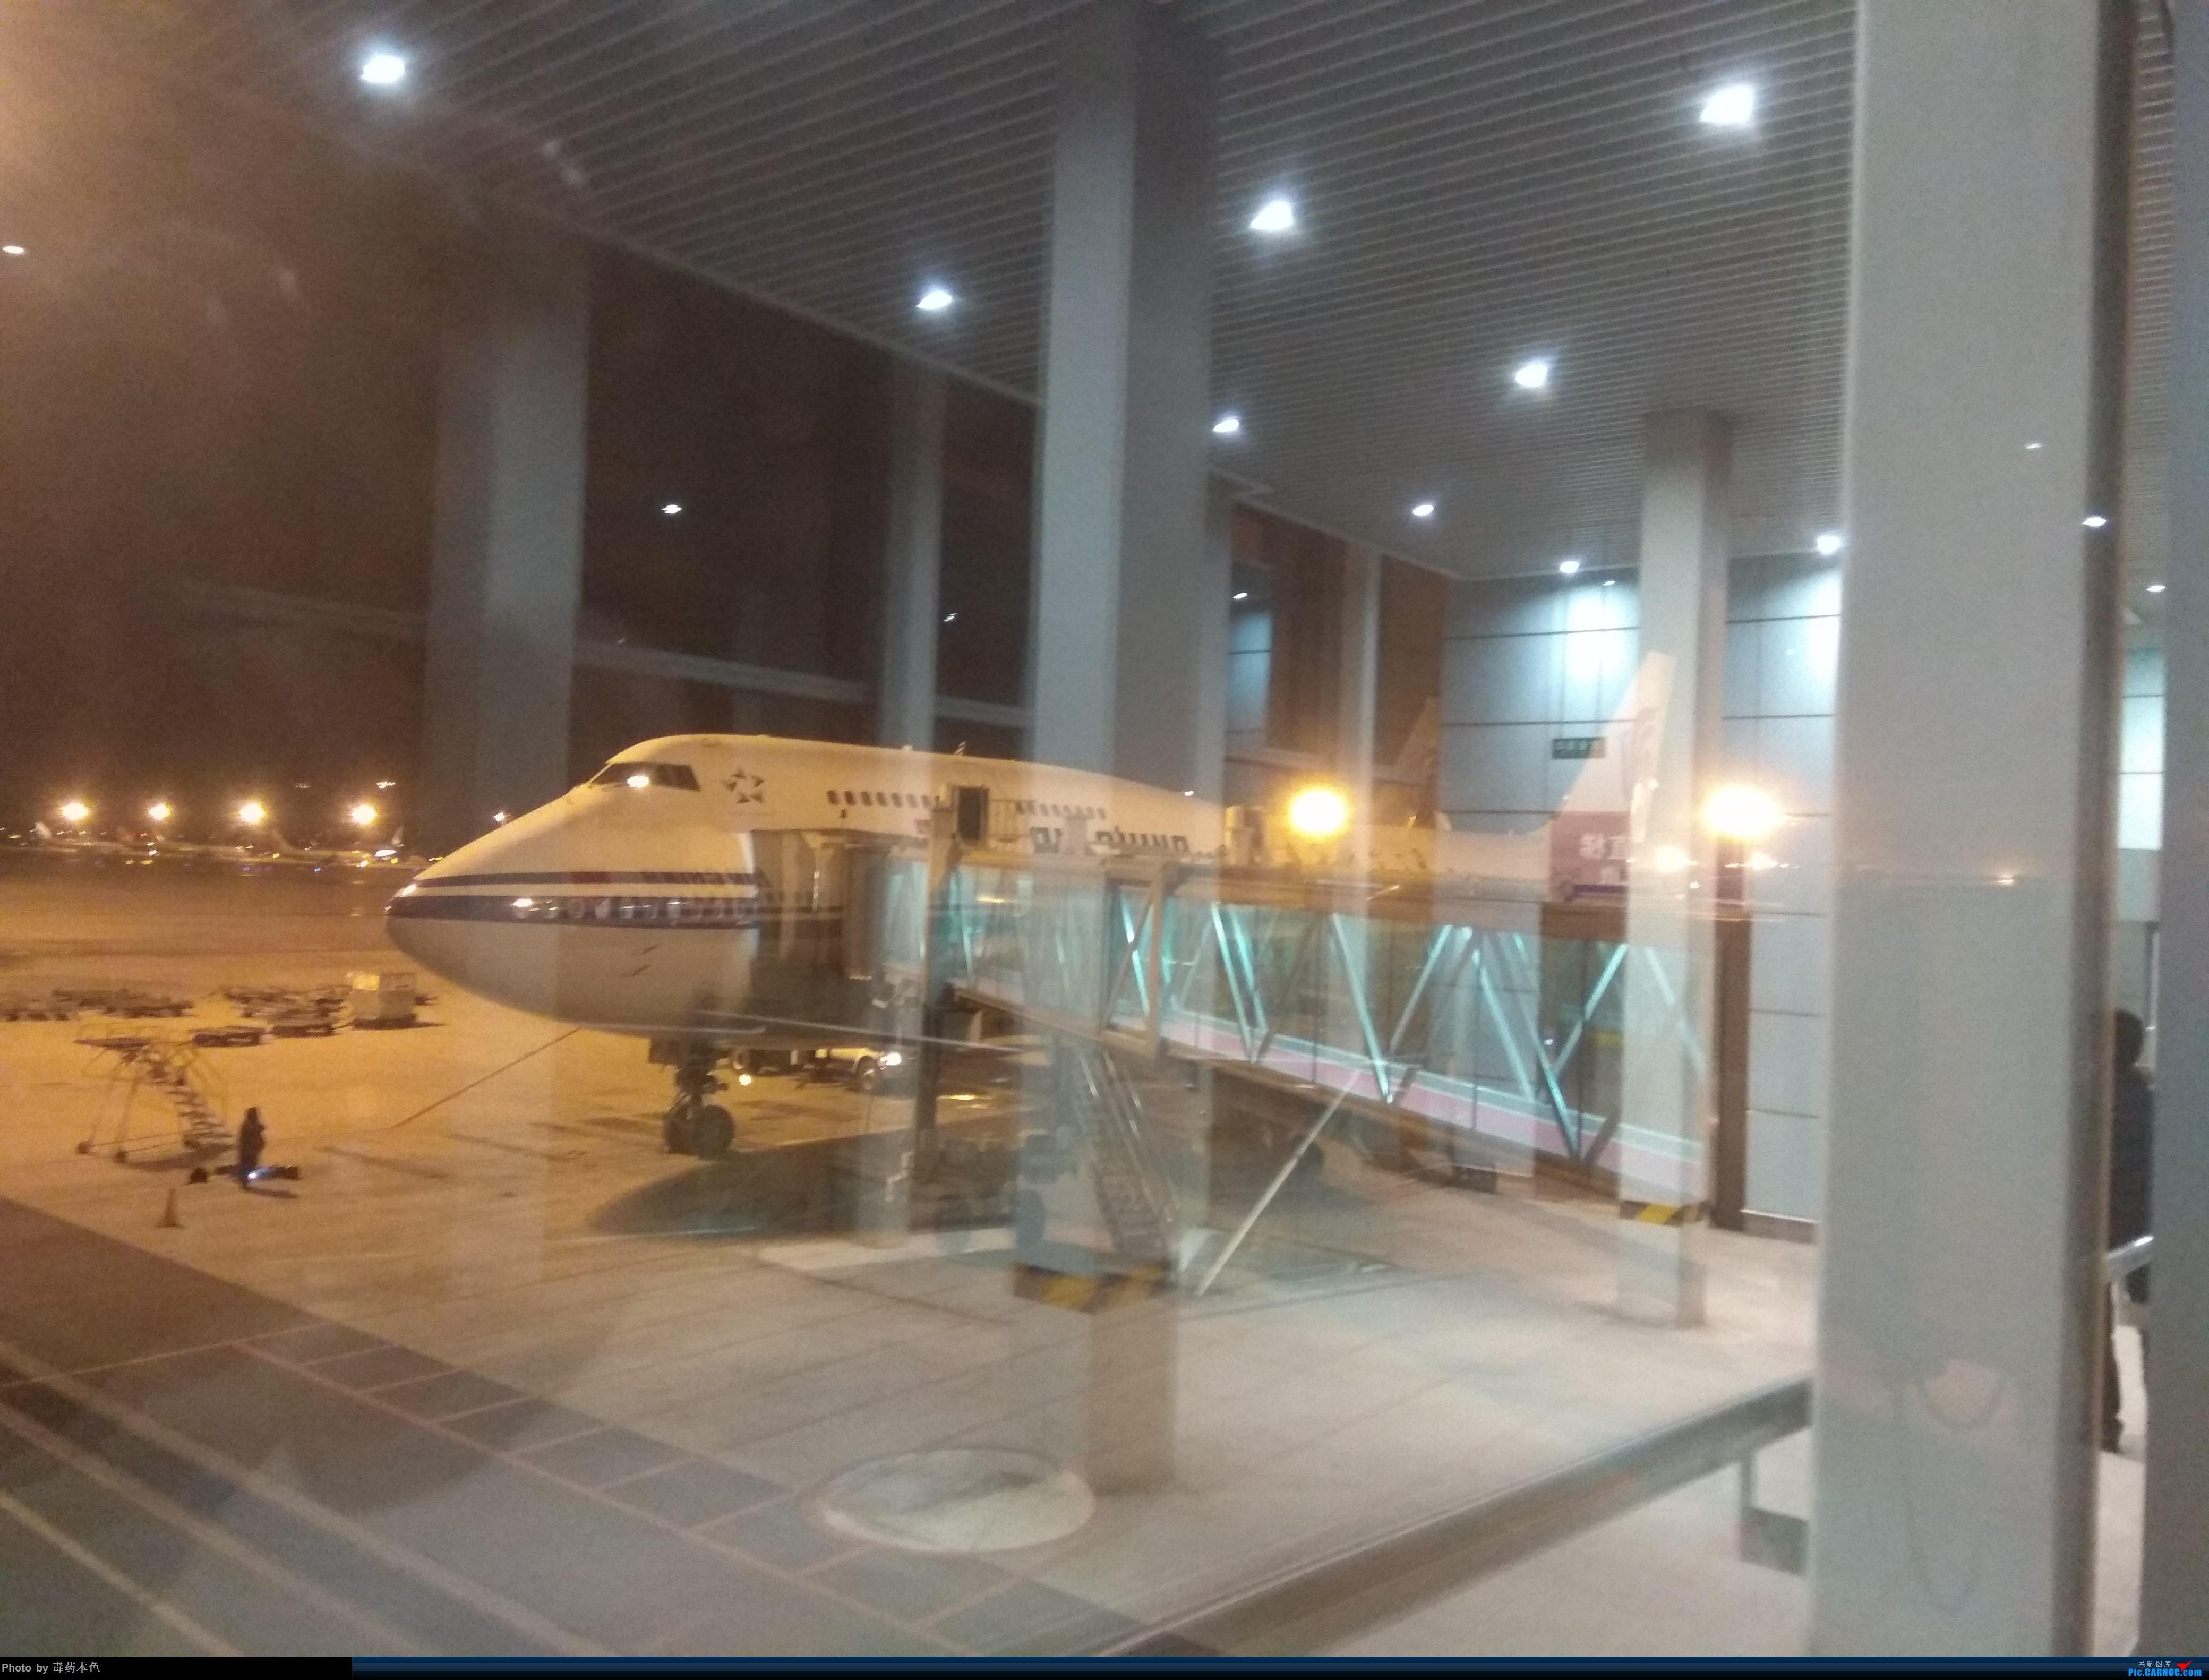 Re:[原创]晨曦中的擦航789、772,夜色下的擦航大鹅头 BOEING 747-400  PEK